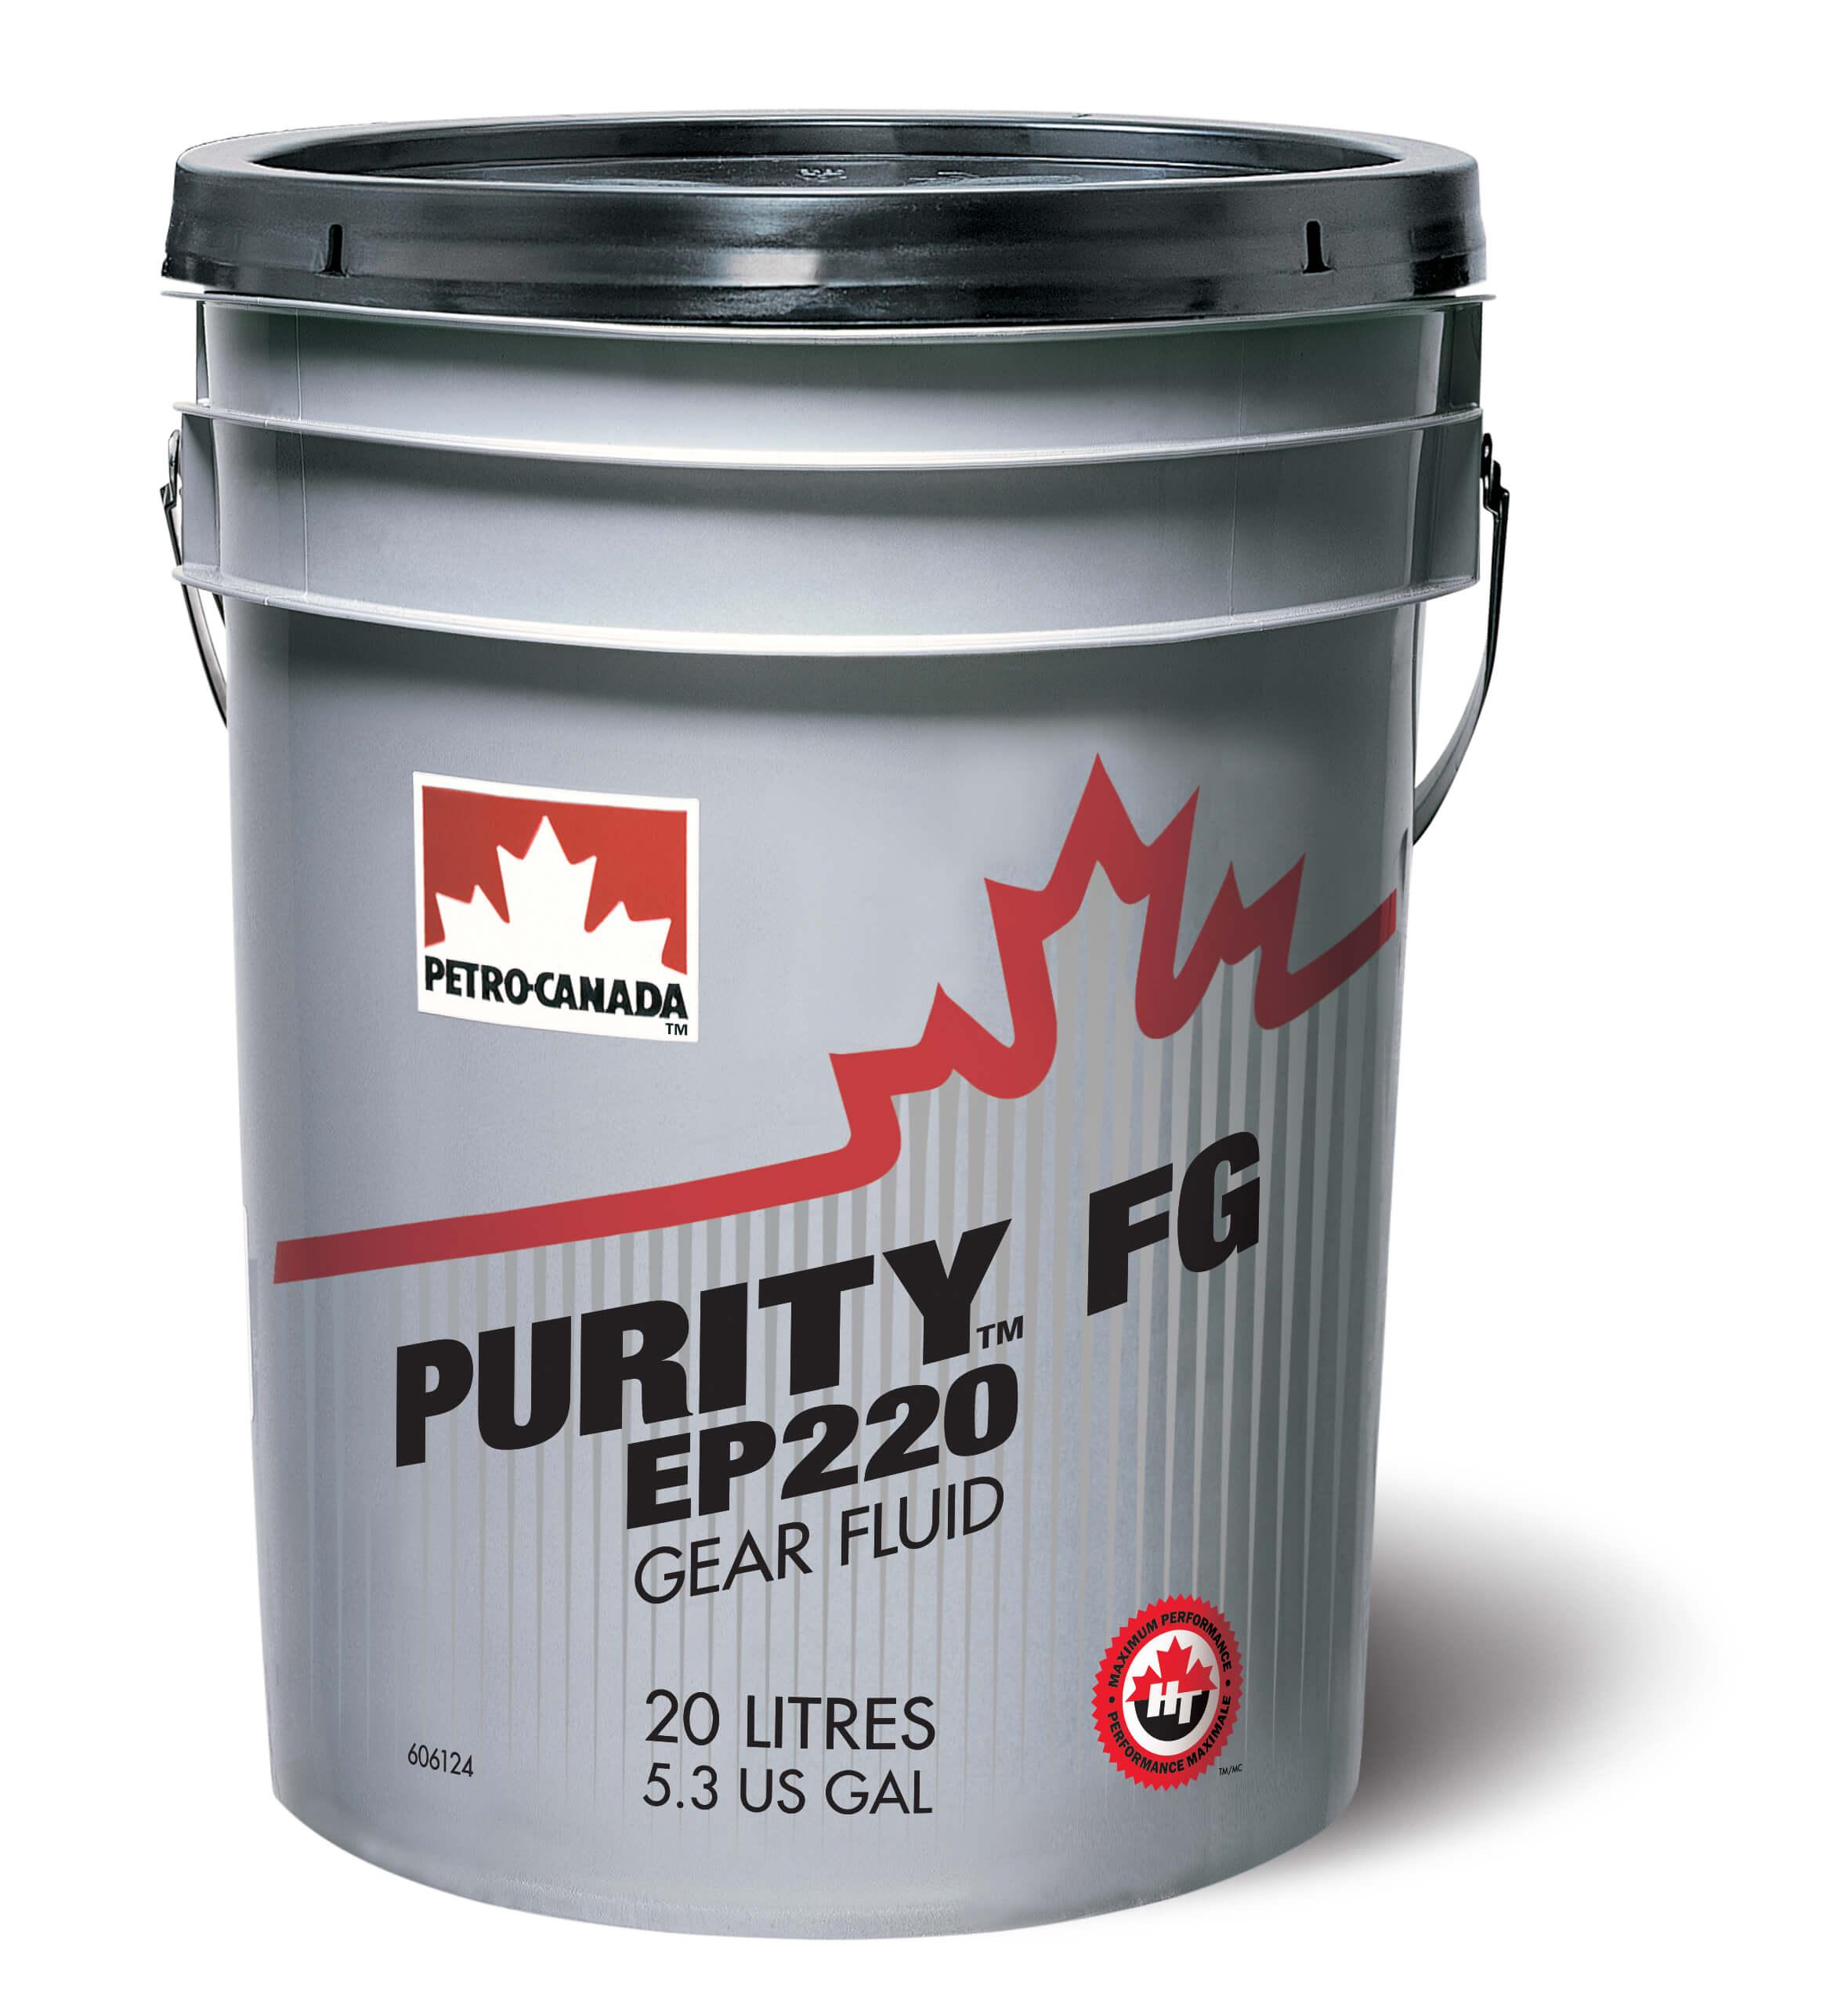 Petro-Canada Purity FG EP Gear Fluid 220